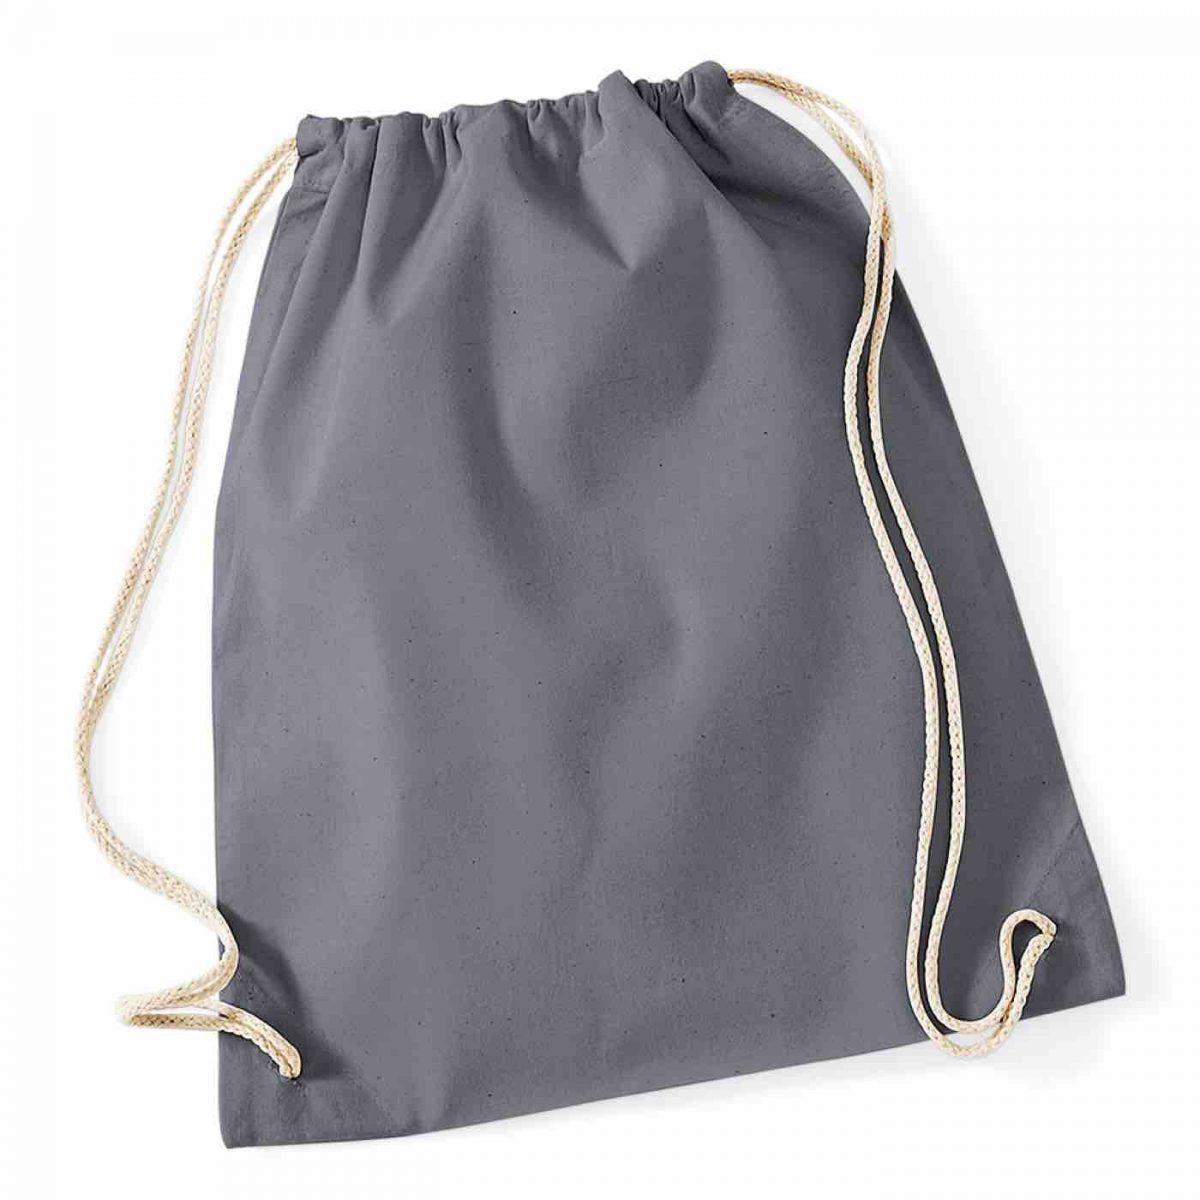 Graphite Grey Cotton Tote Bag